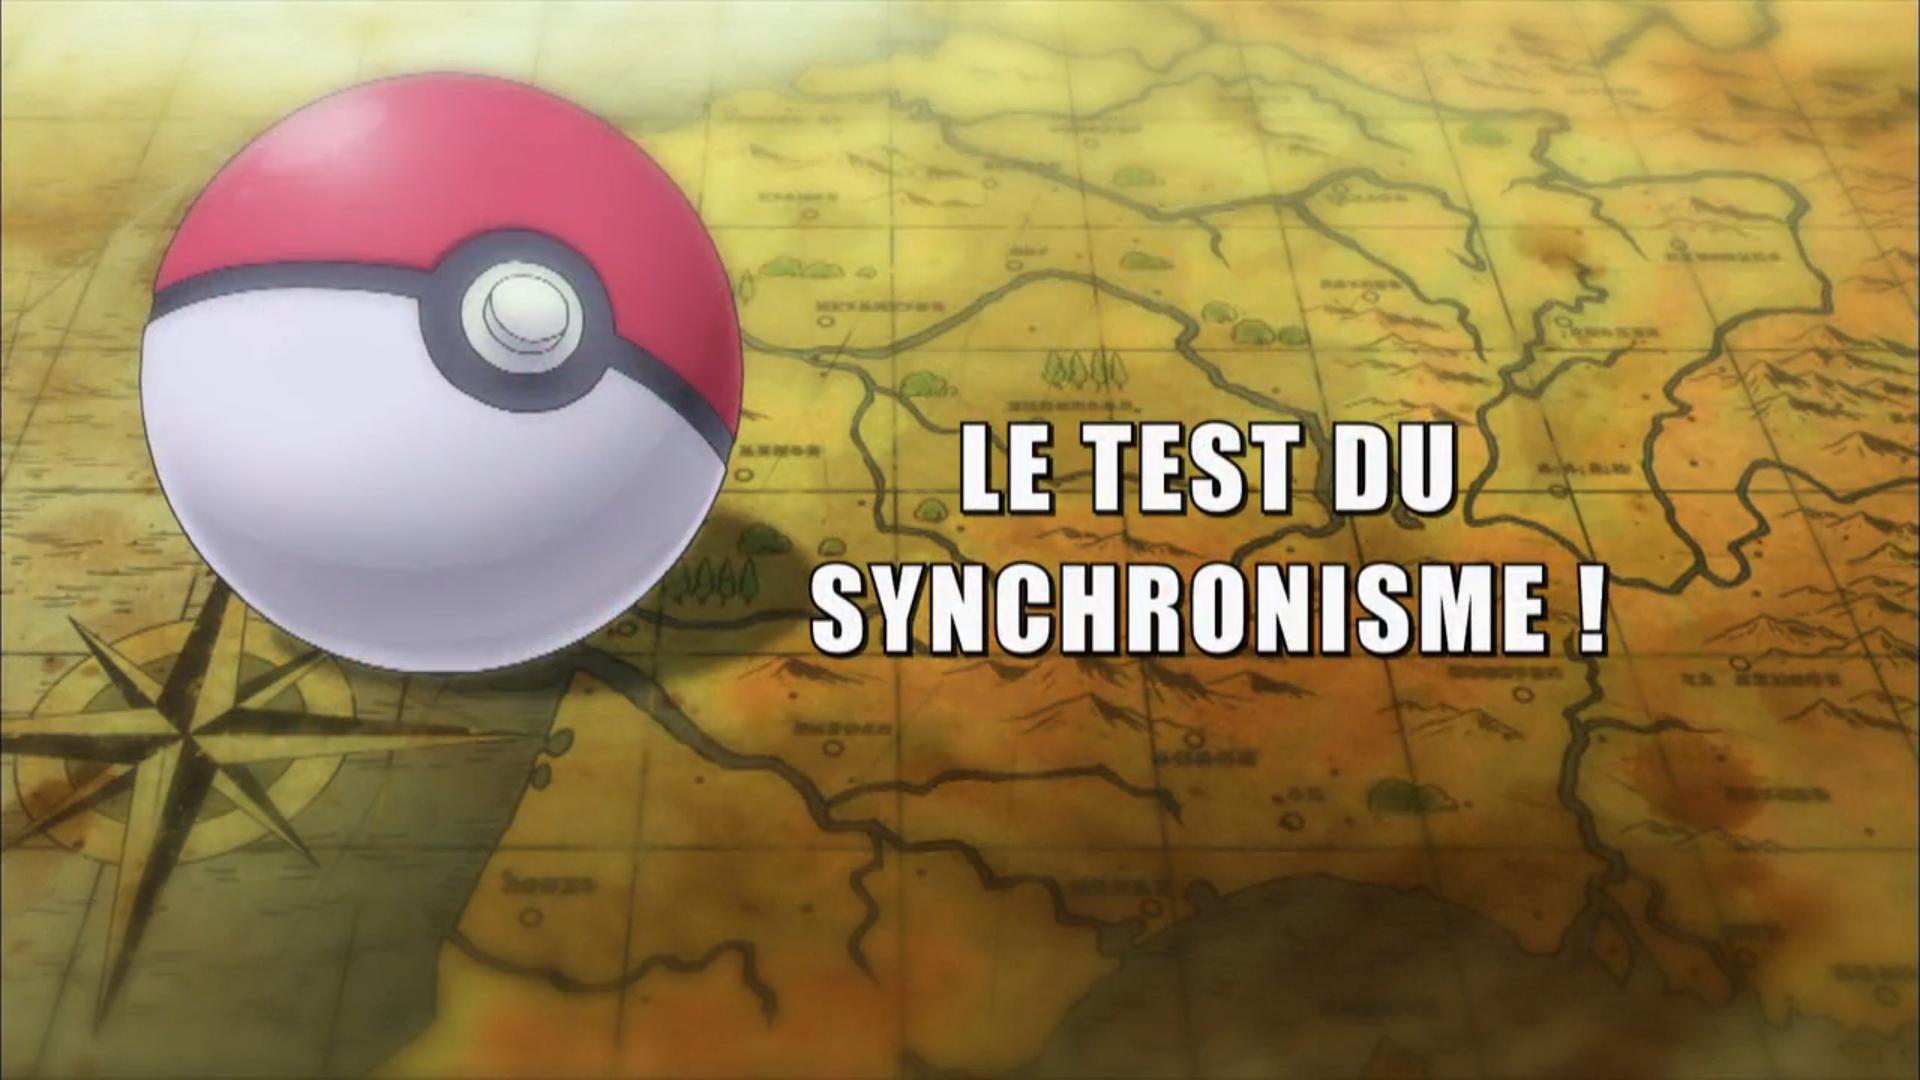 Pokémon - 19x23 - Le test du synchronisme !